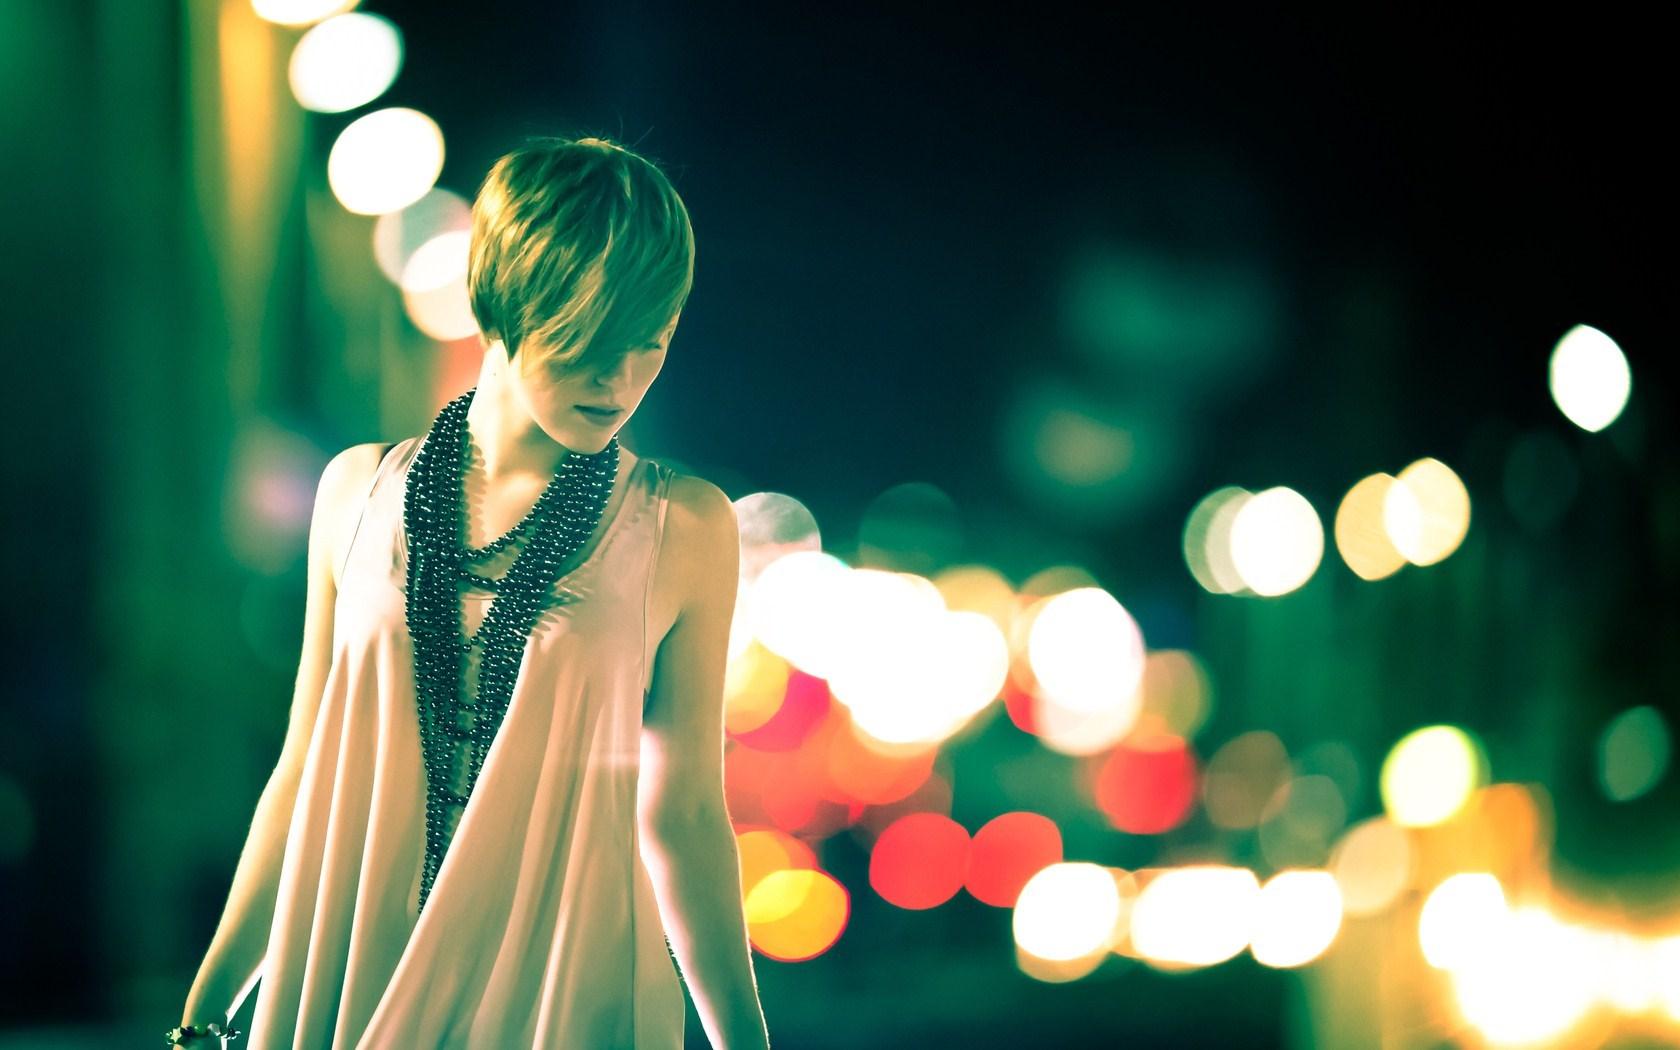 Girl Blonde Night Lights Bokeh